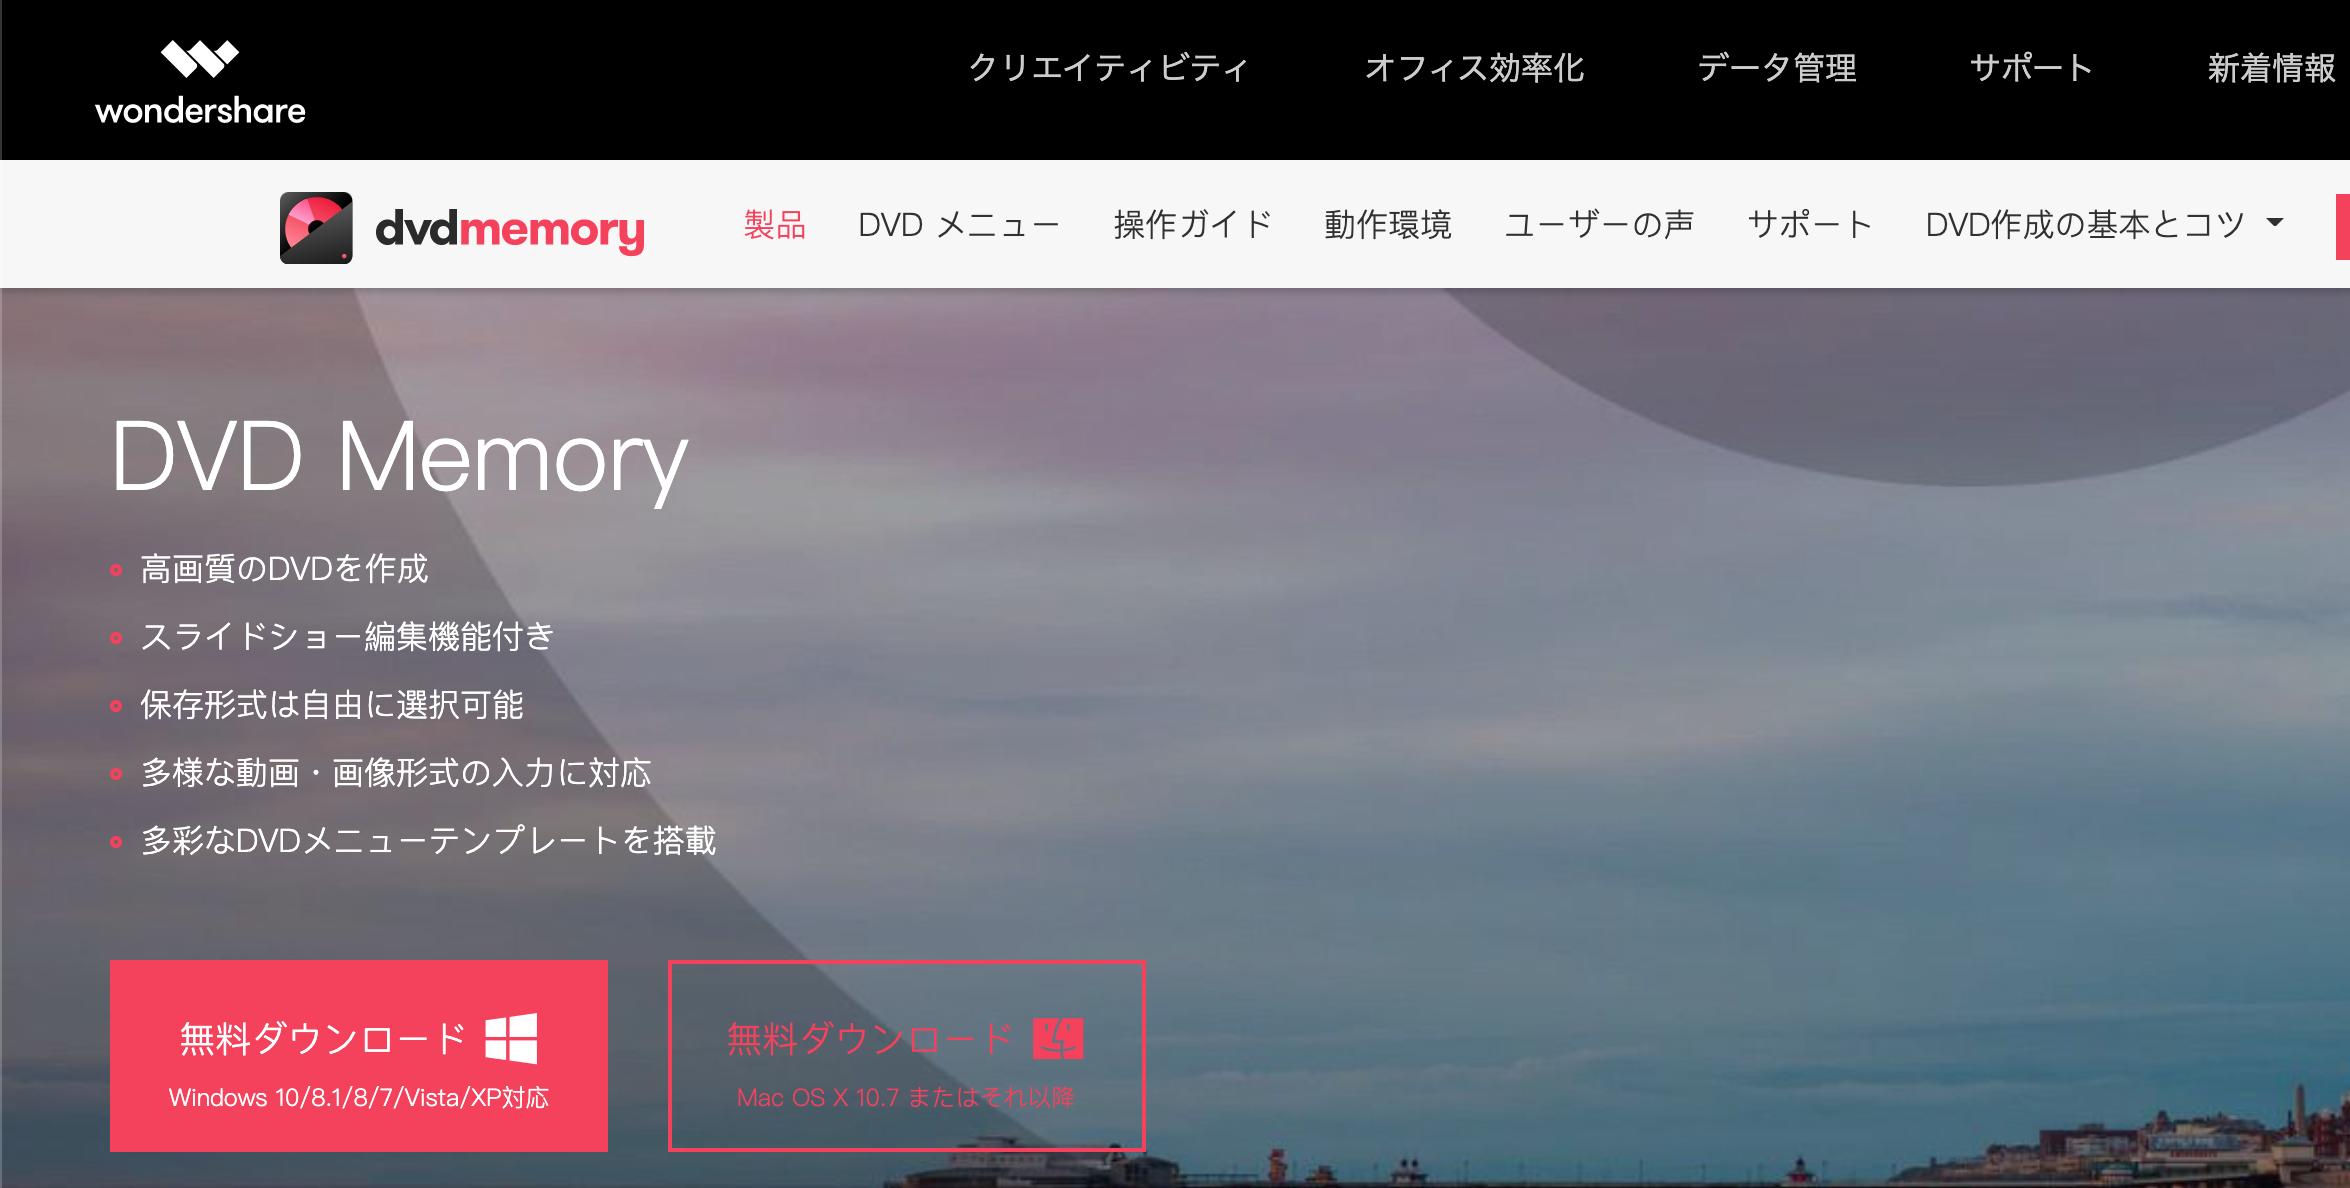 2.DVD Memory